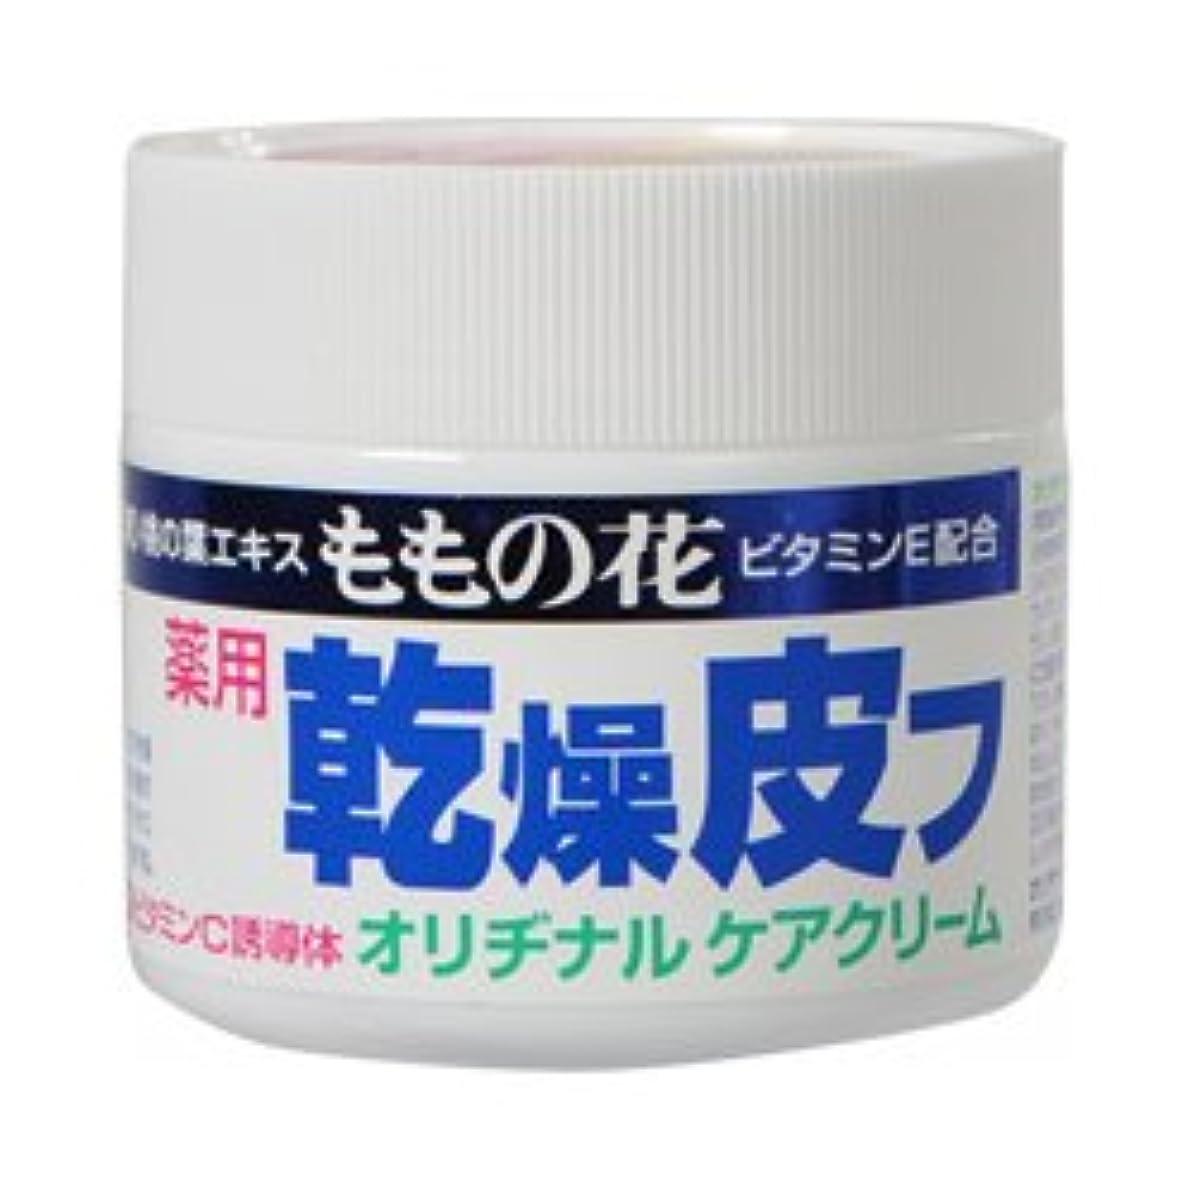 アンテナ感情十【オリヂナル】ももの花乾燥皮フクリームC 70g ×20個セット